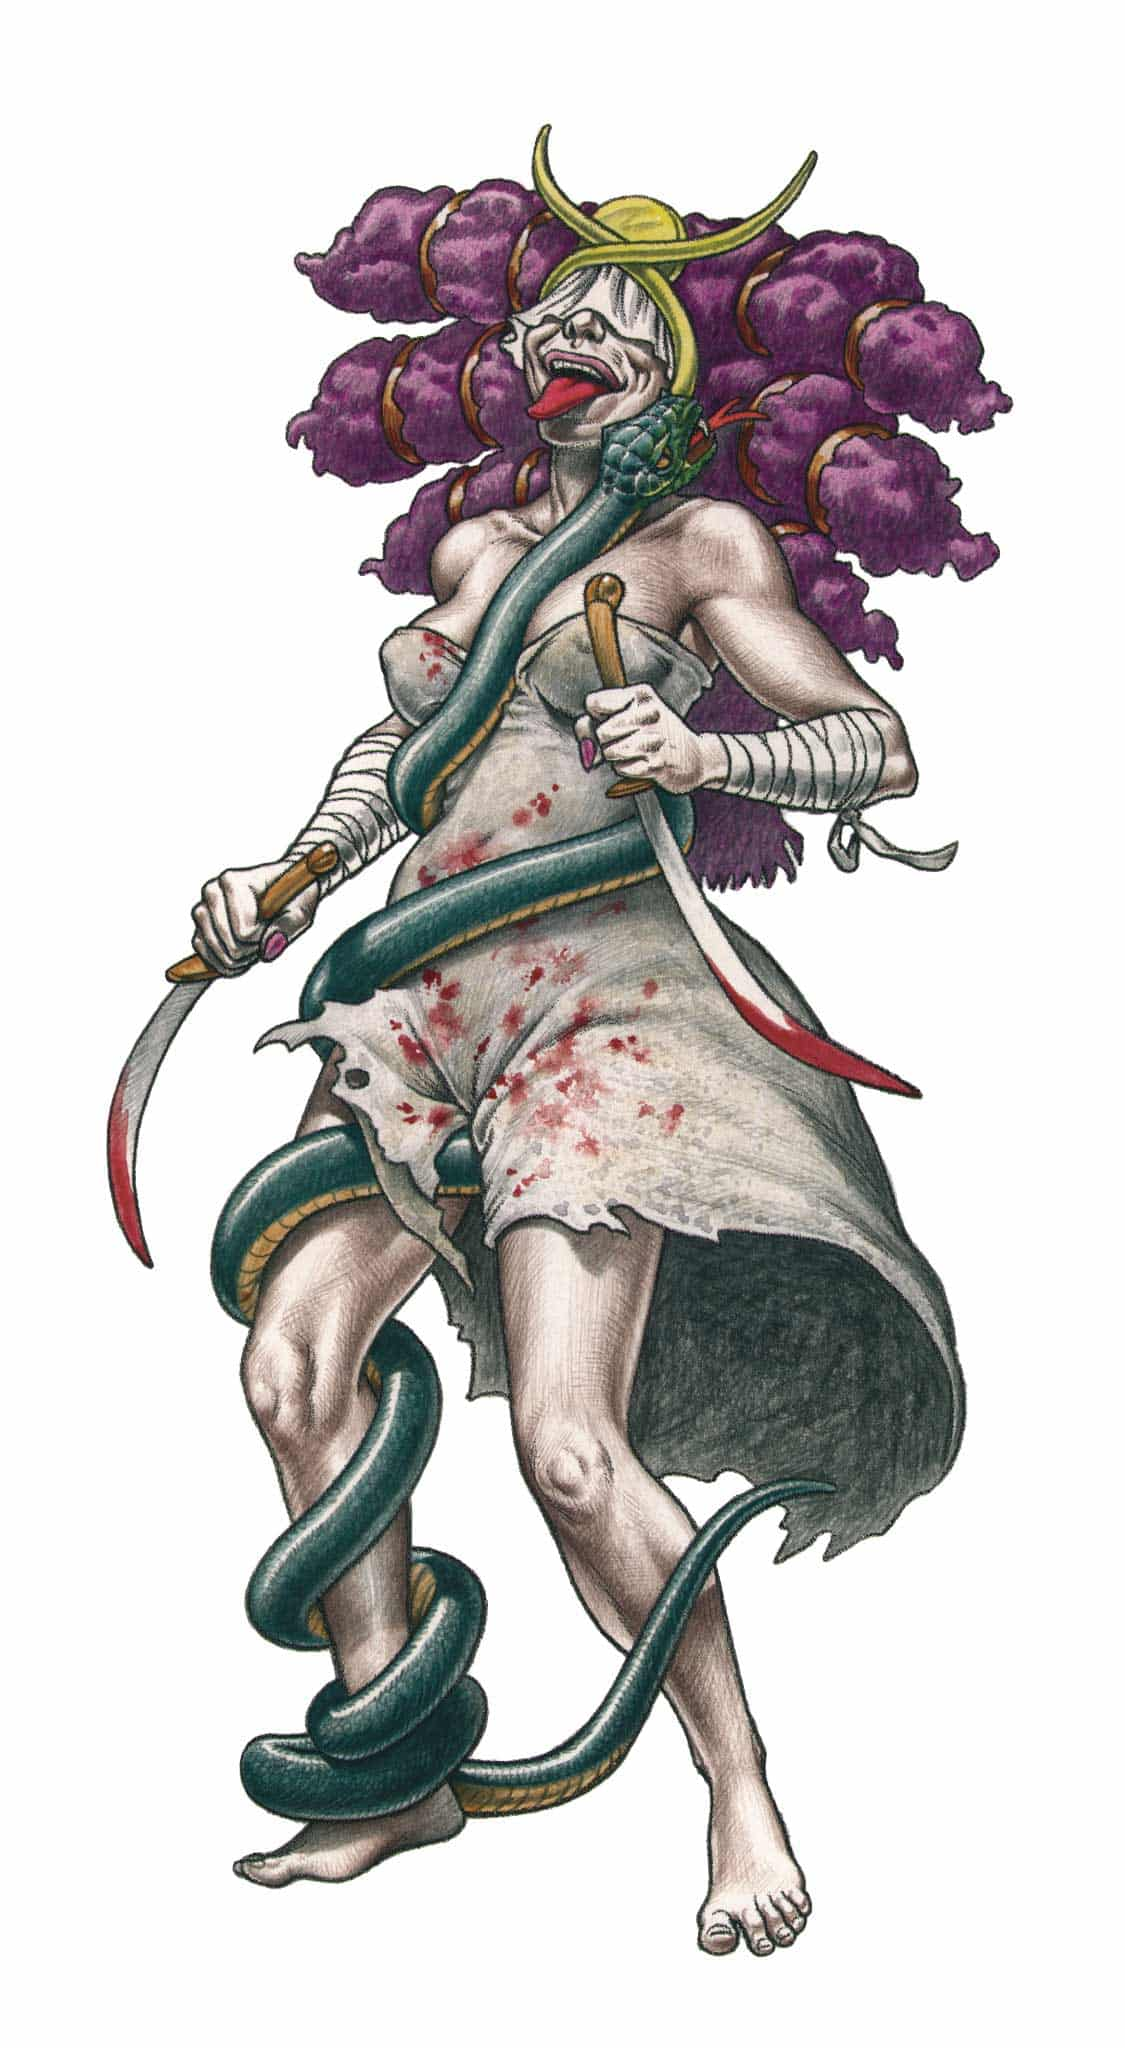 KH2107B-pythoness-priestess